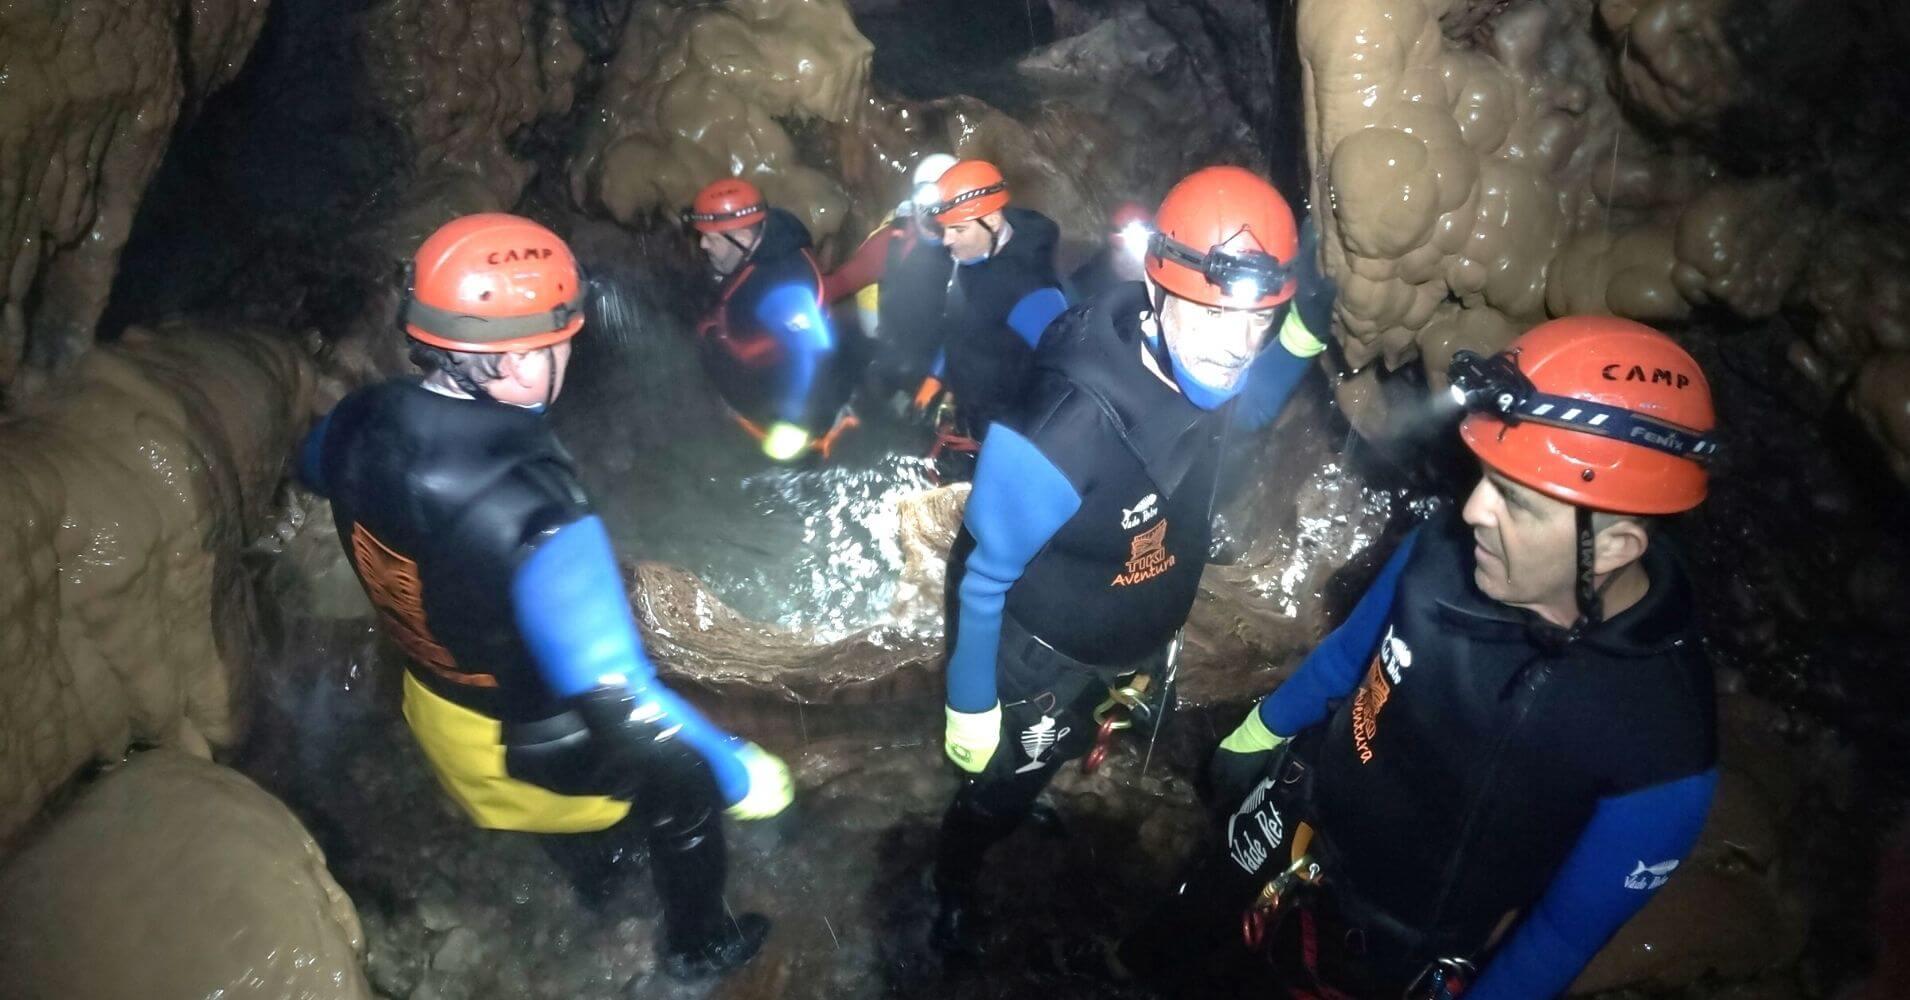 Espeleobarranquismo Cueva de Valporquero. Vegacervera, León, Castilla y León.